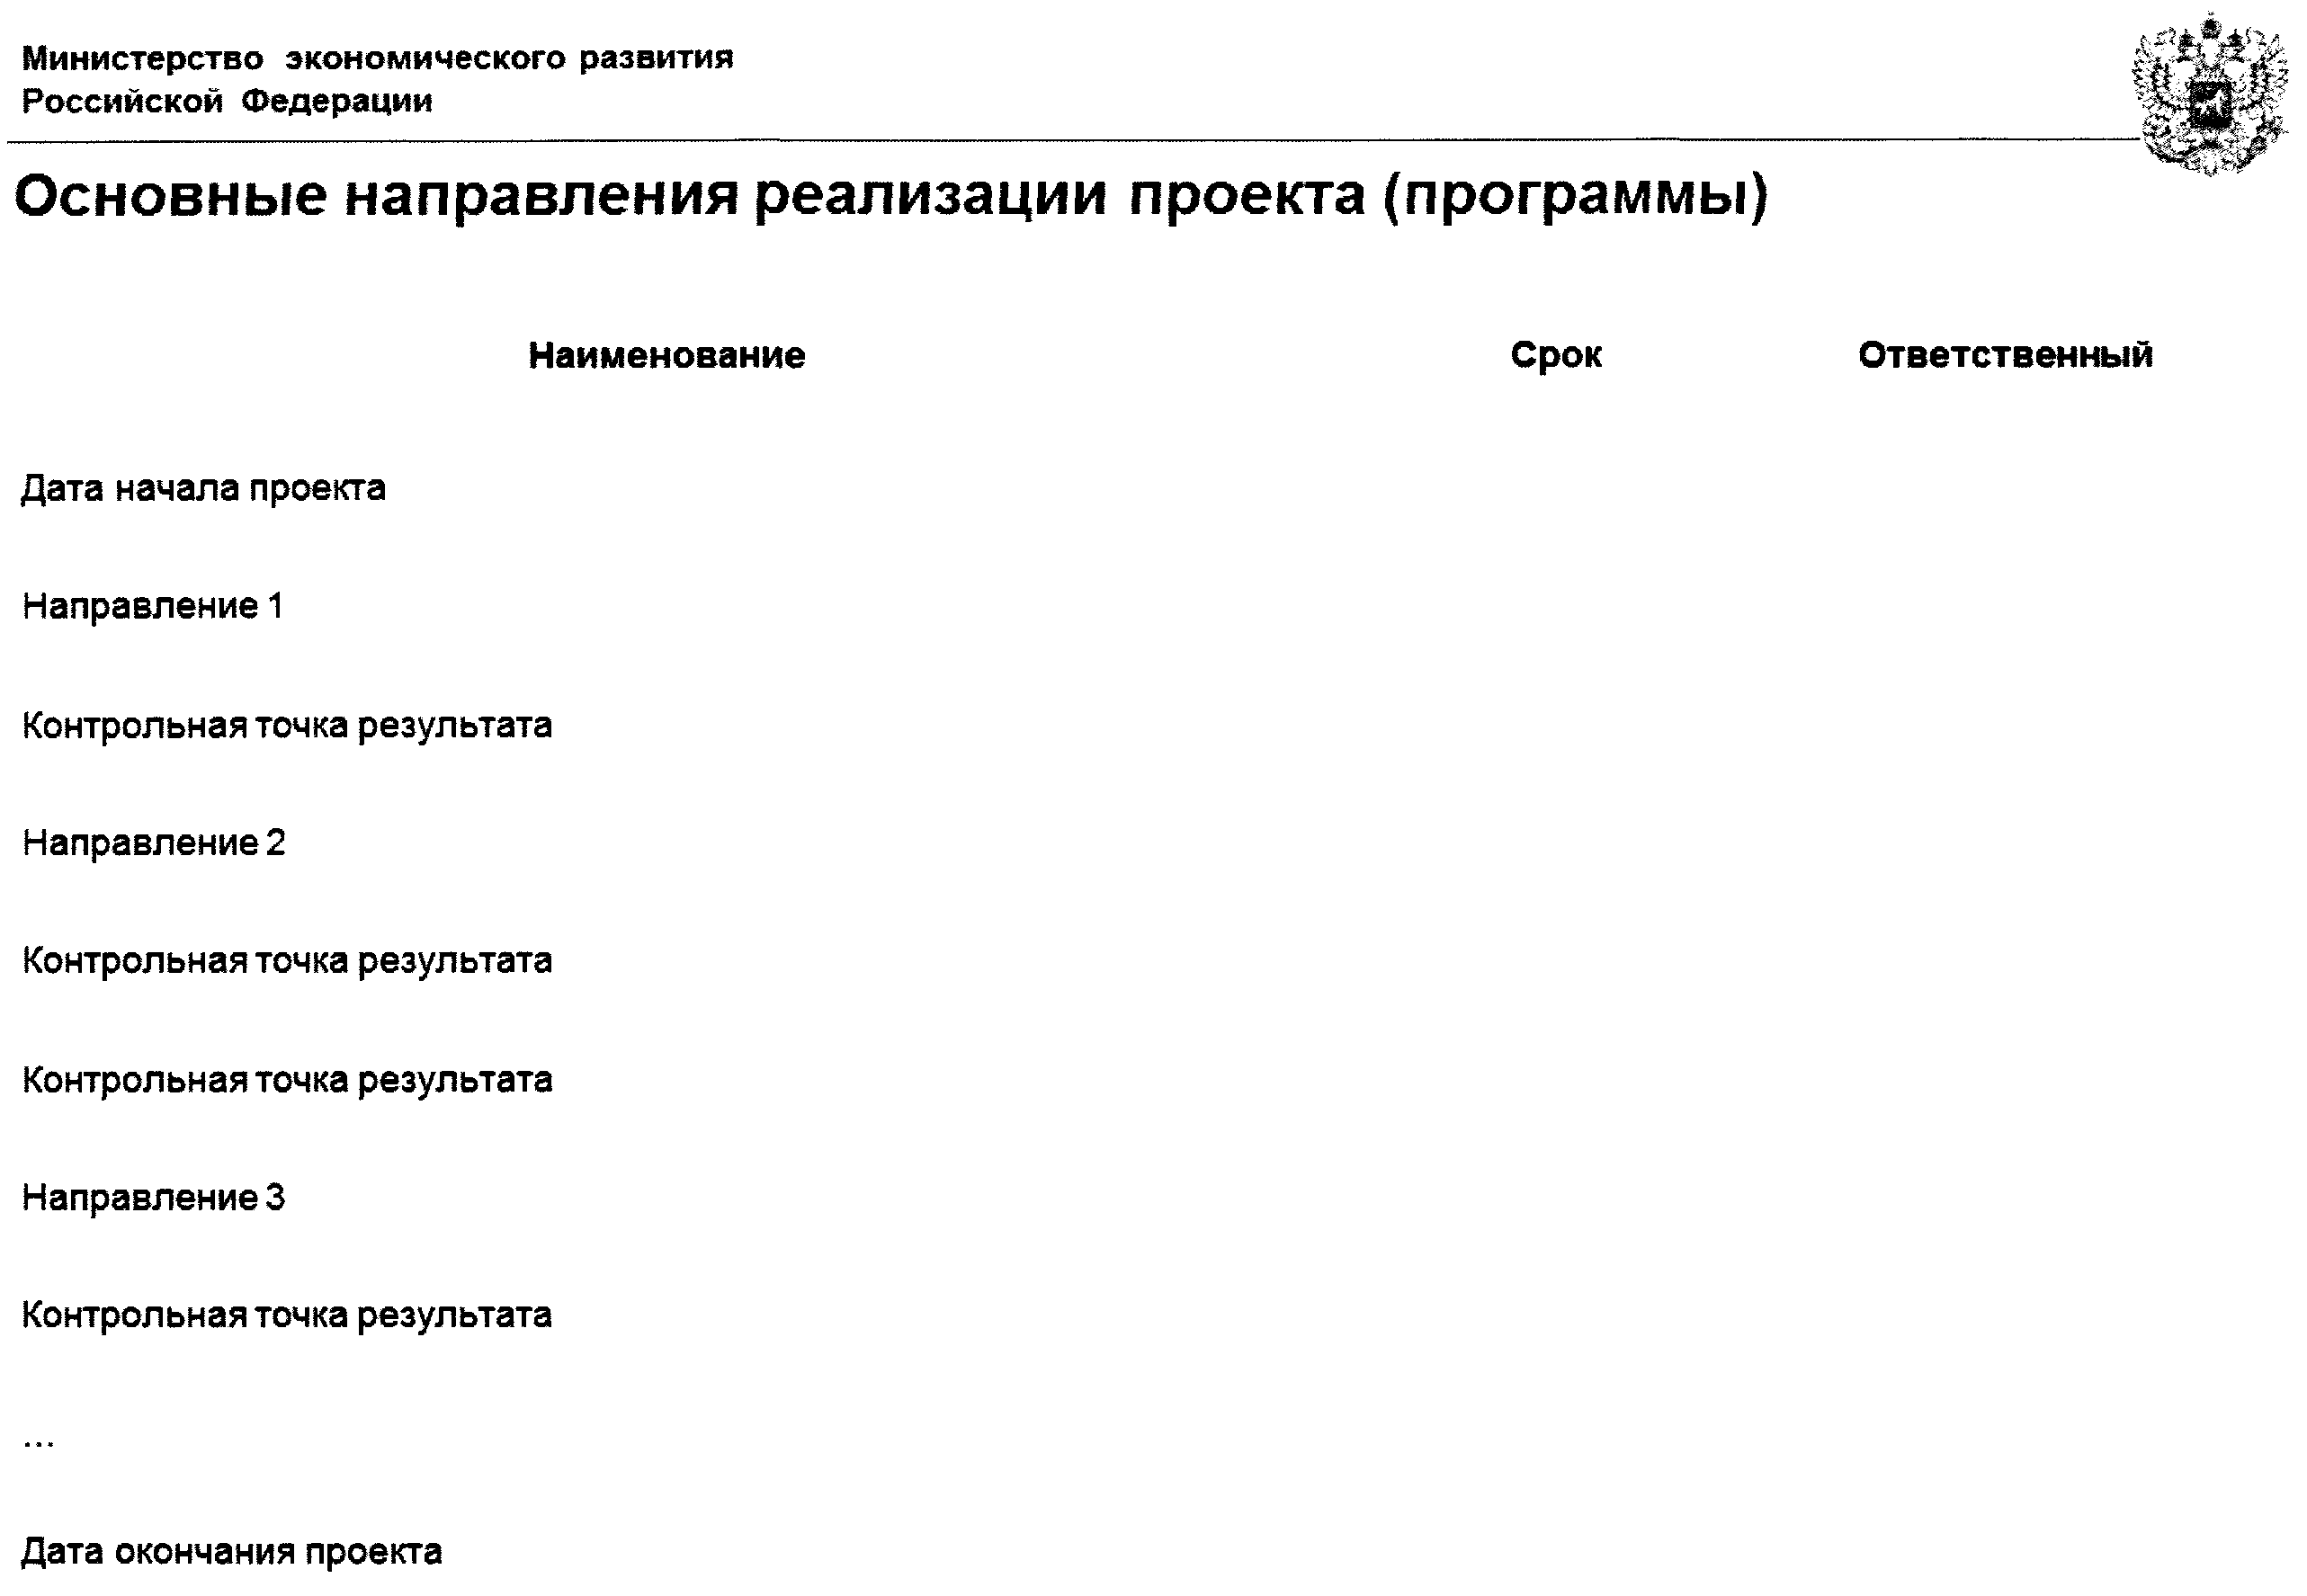 Справка для ребенка, оформляющегося на усыновление Орехово-Борисово Южное